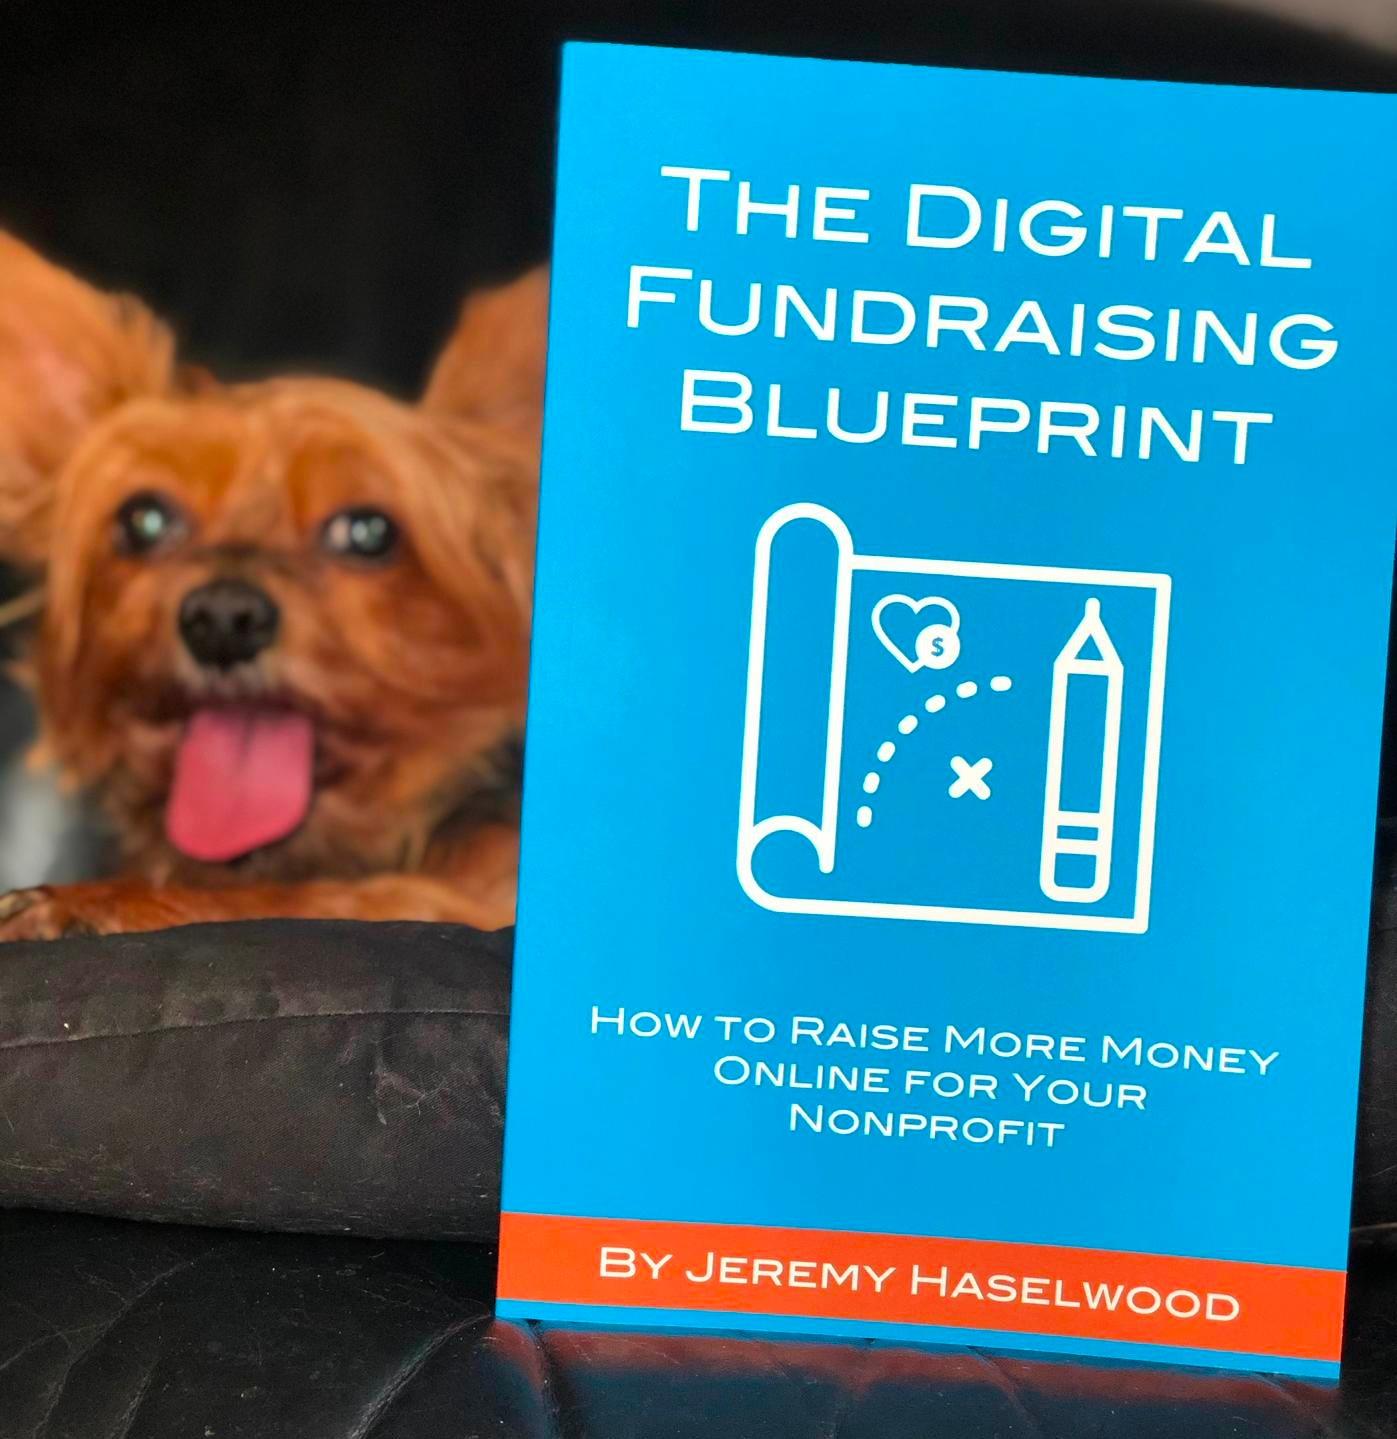 digital fundraising tips